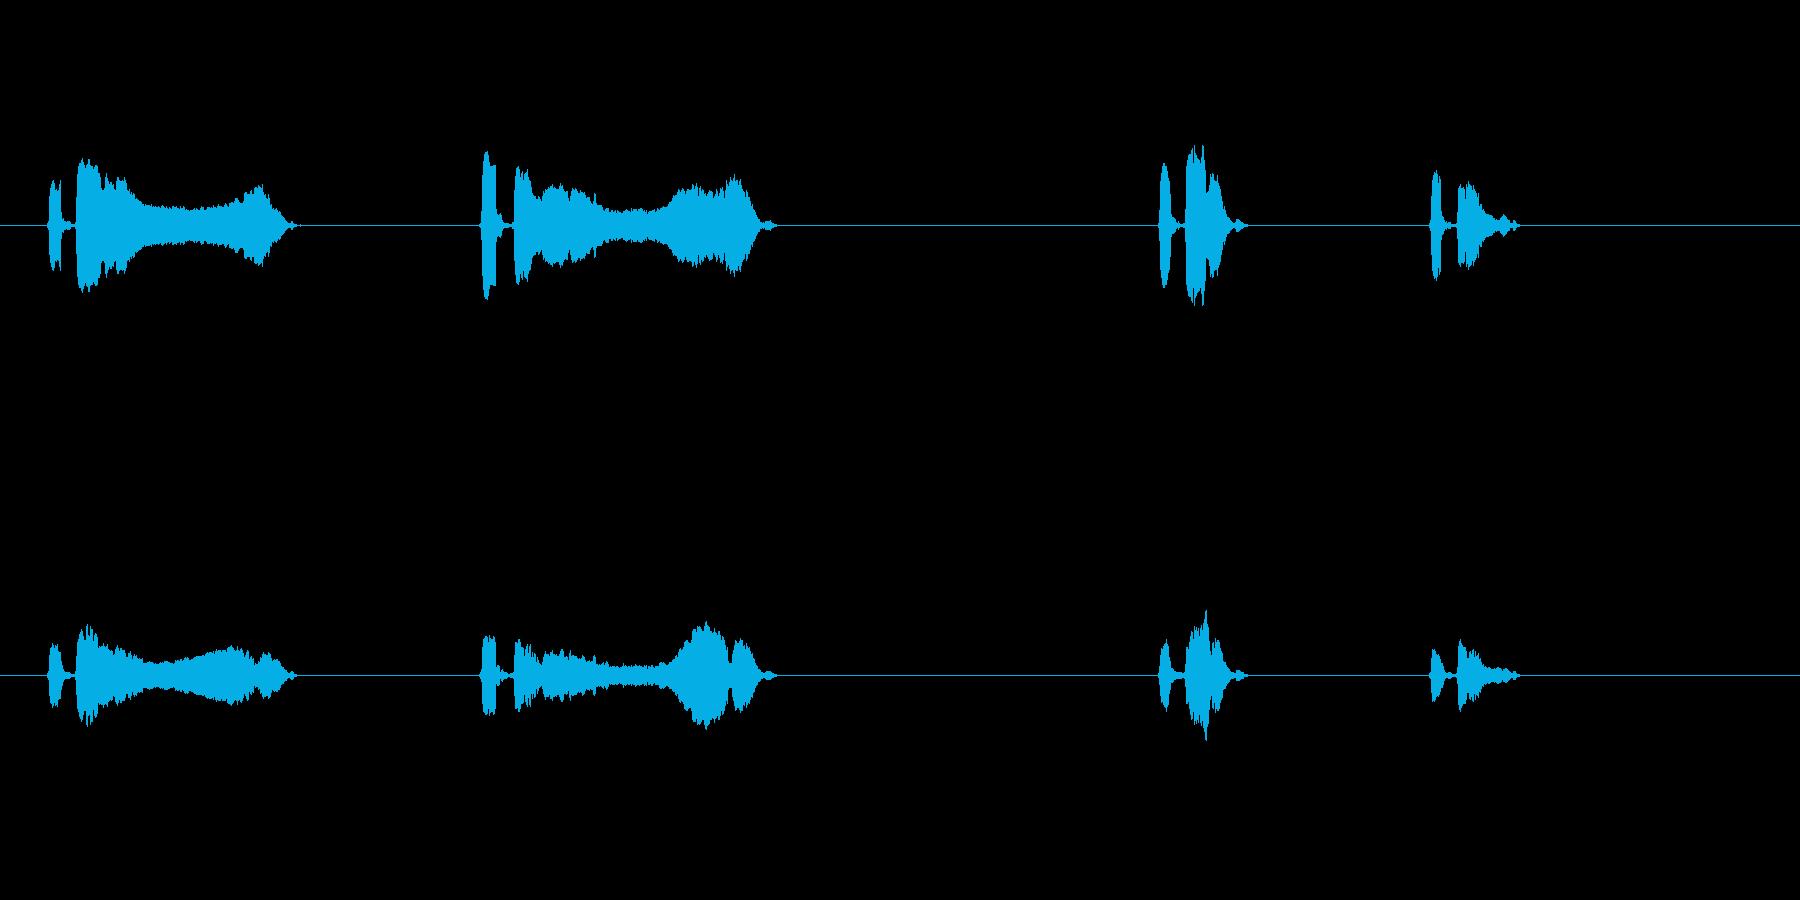 うぐいす4ケキョ梅に鶯春鳴き声初音ホーホの再生済みの波形